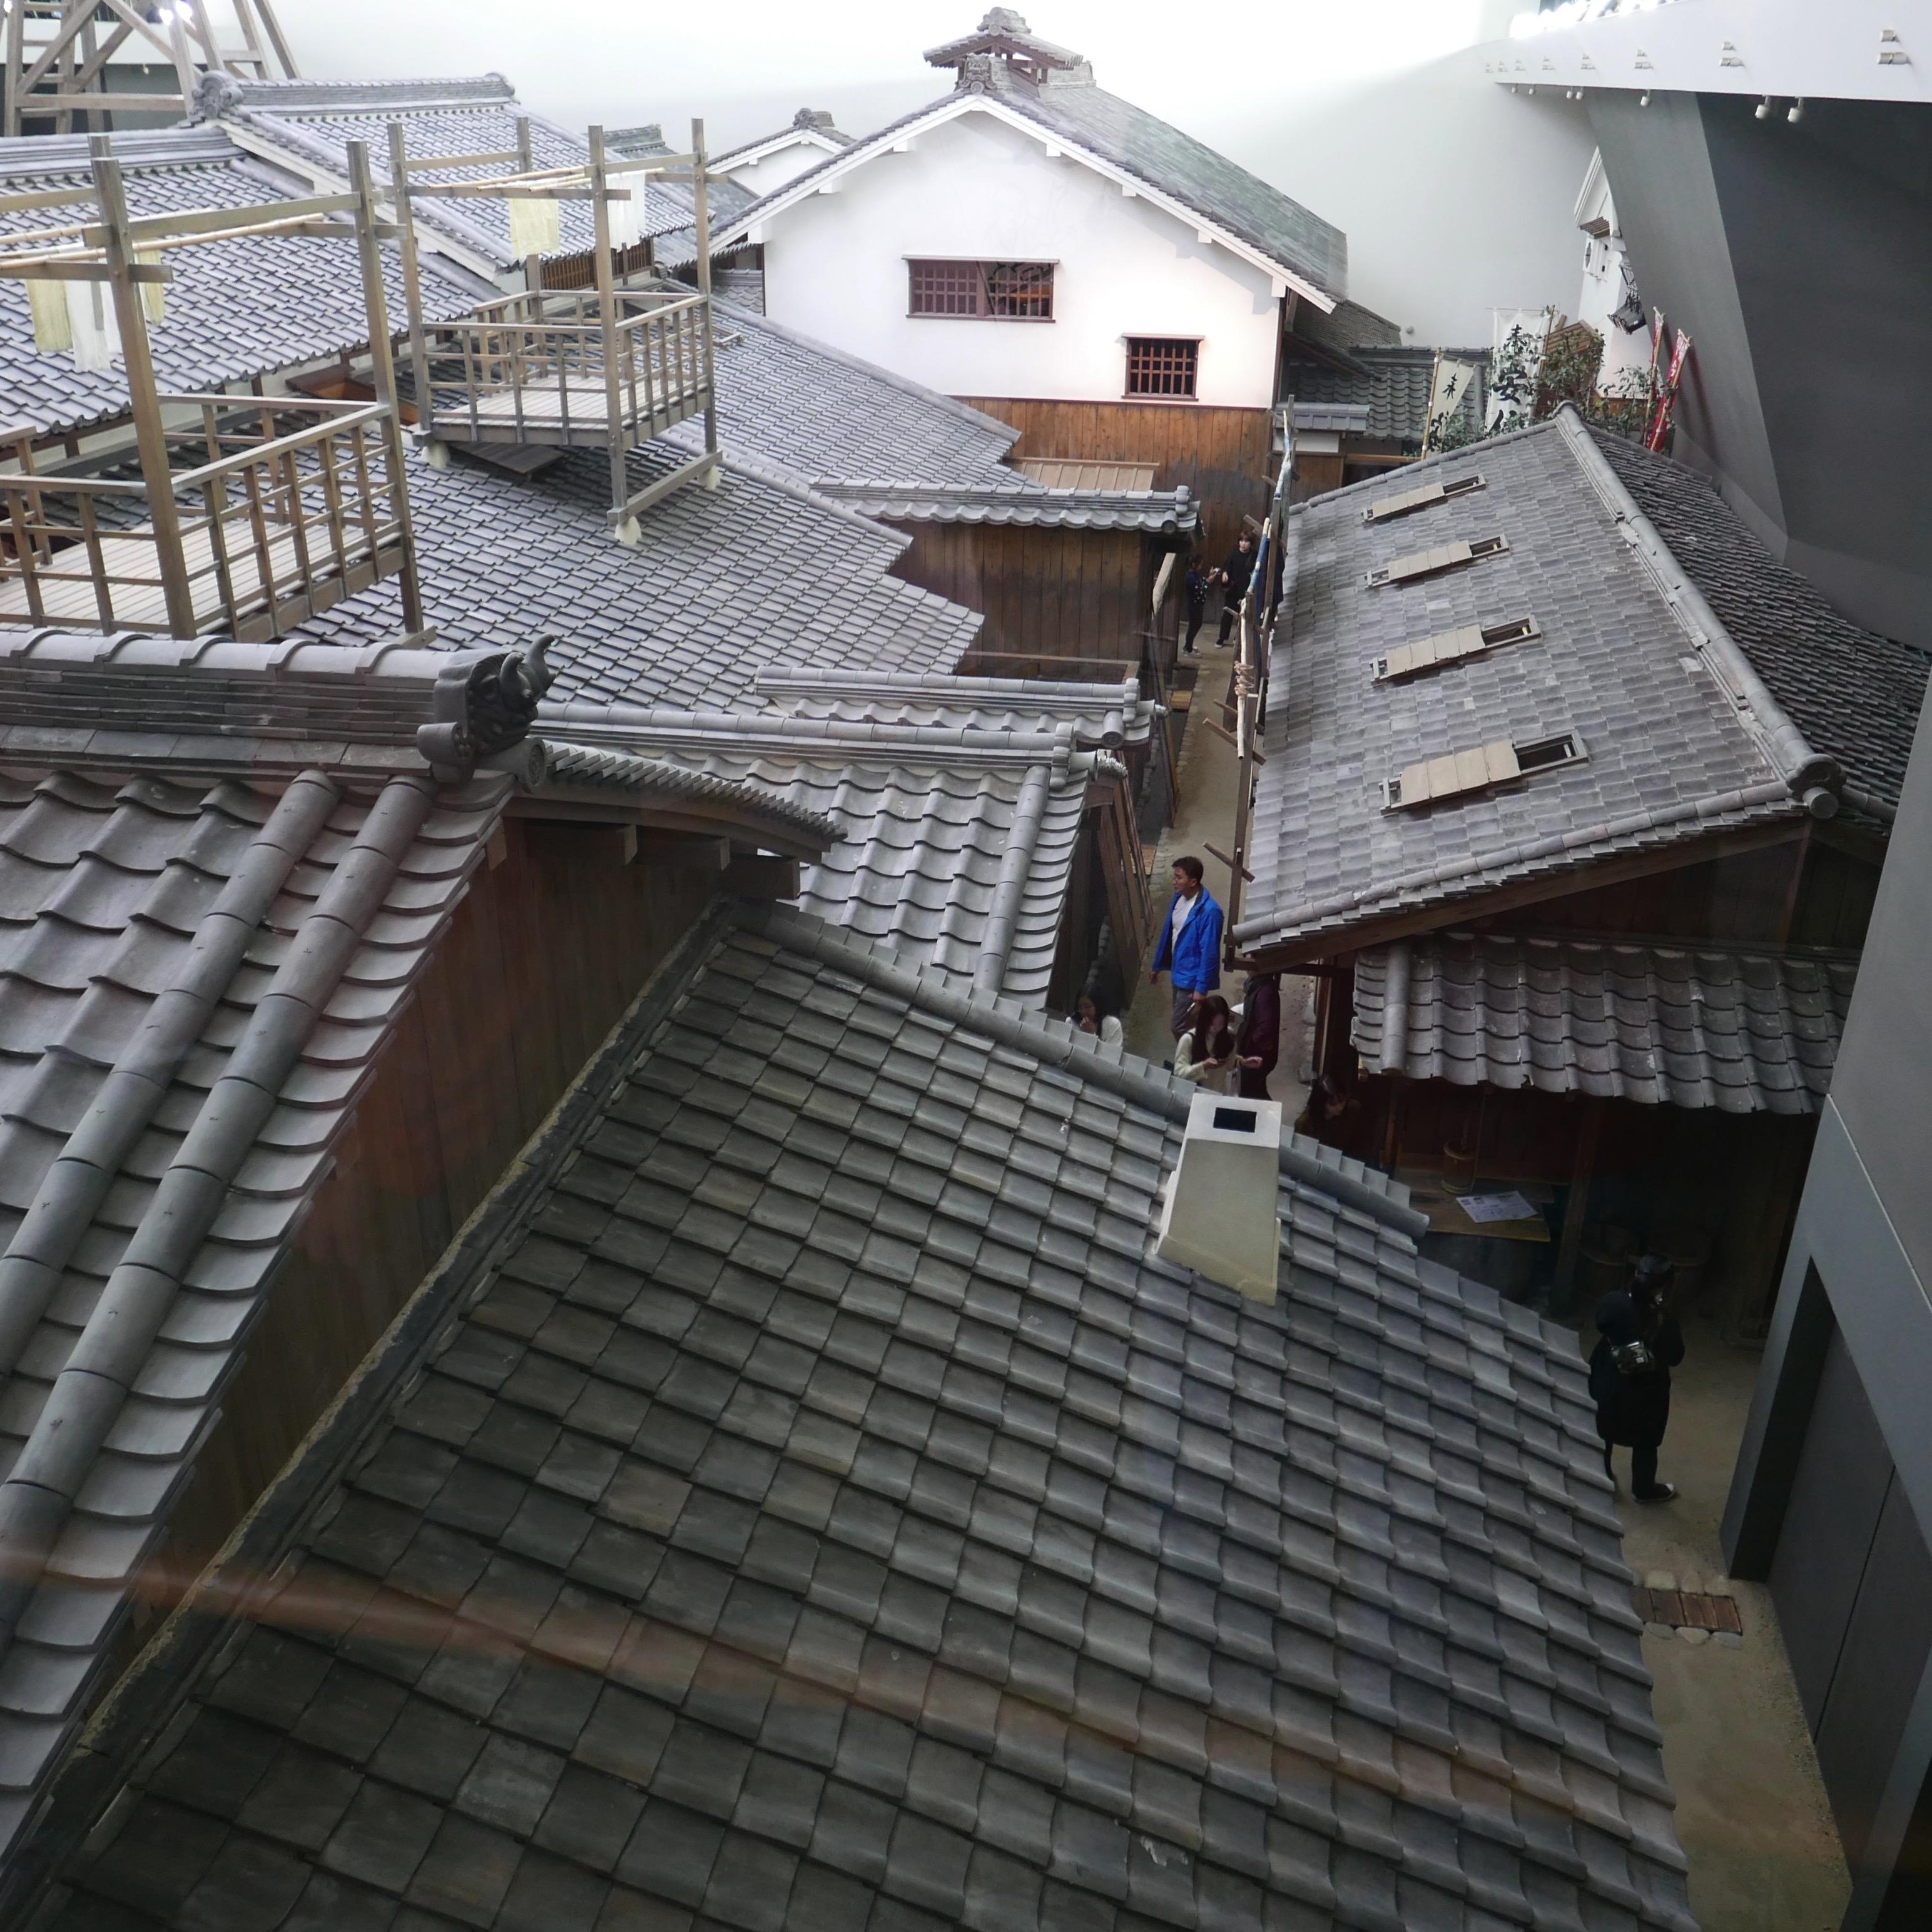 Torkställningarna på taken ser man aldrig i dagens Japan e08d9d567c4d6